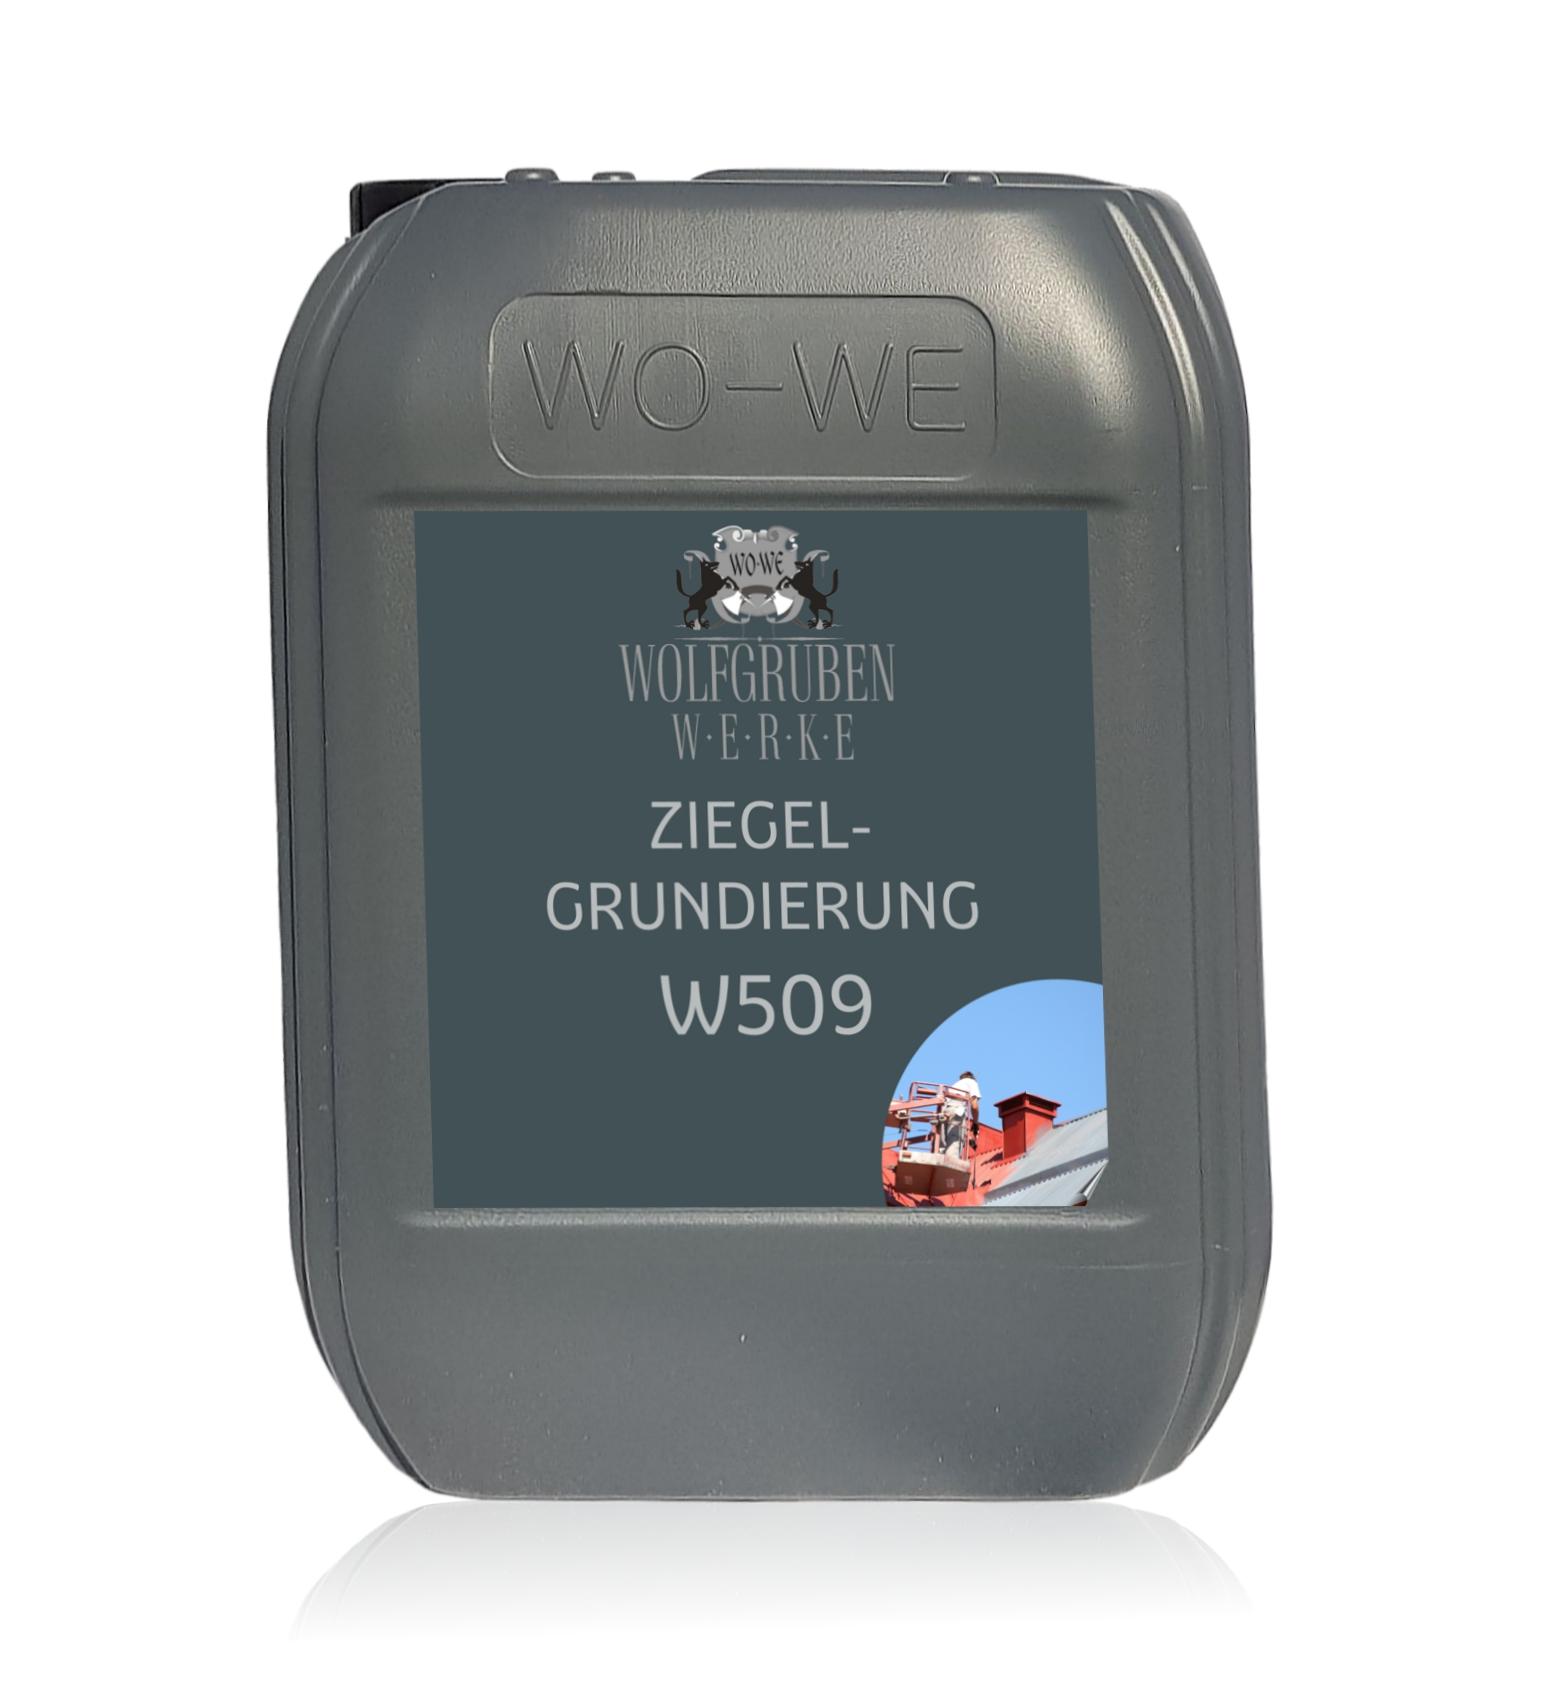 W509.jpg?dl=0